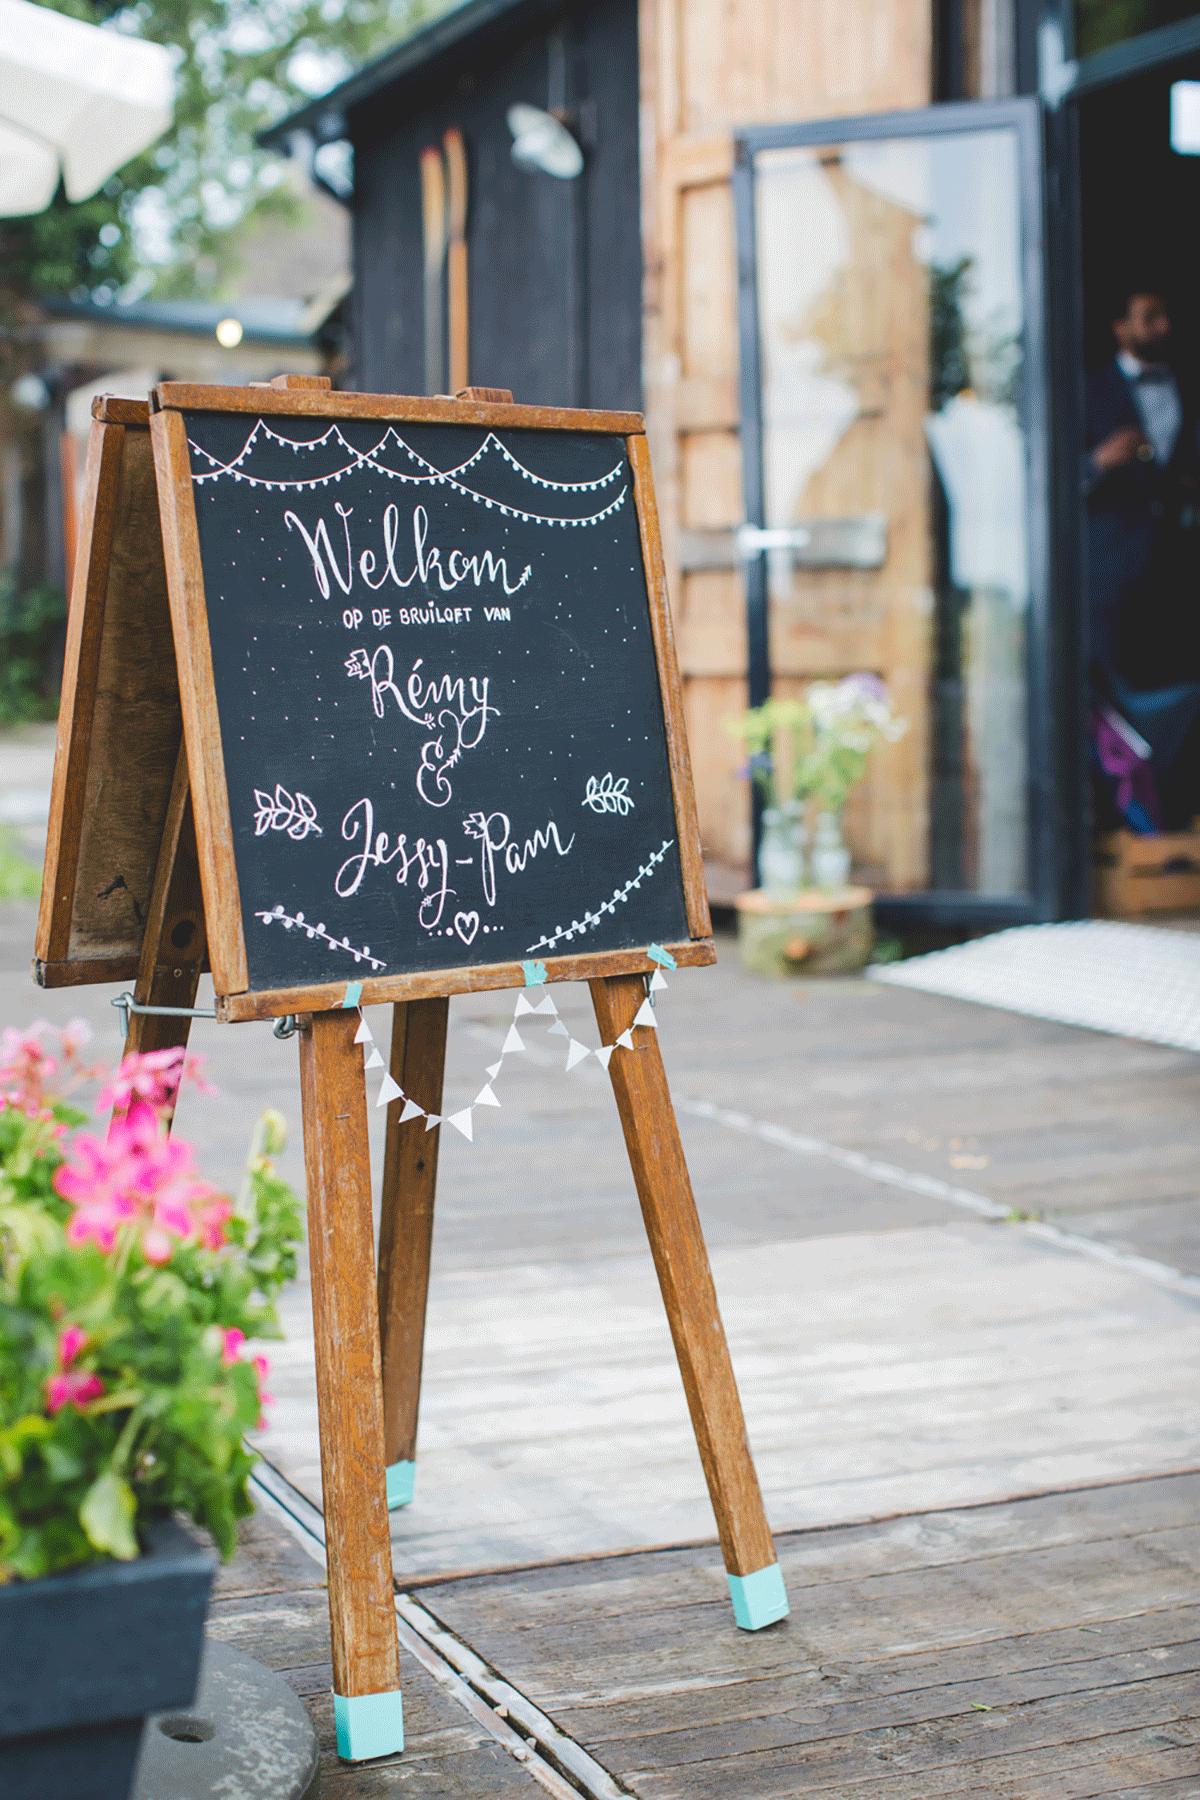 Bohemian-bruiloft-Remy-&-Jessy-Pam-door-Nienke-van-Denderen-Fotografie-91